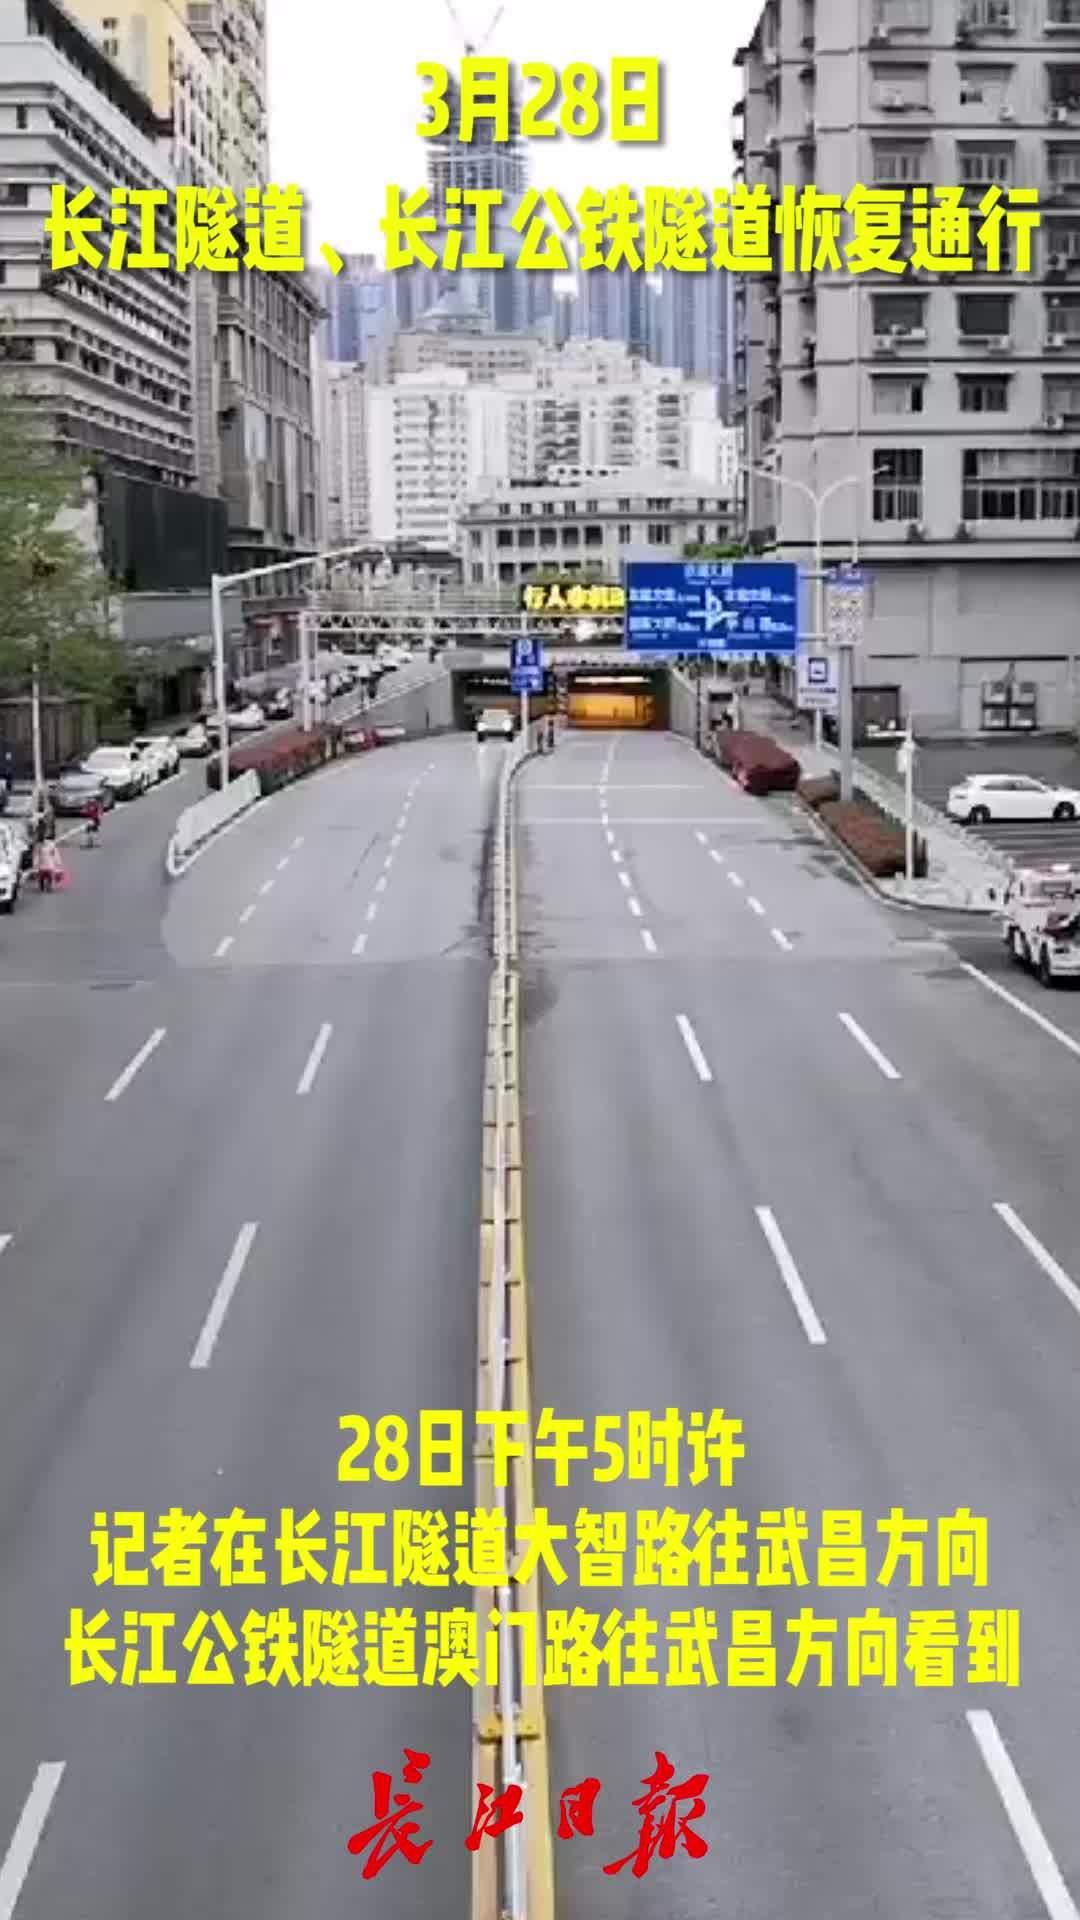 3月28日,长江隧道、长江公铁隧道恢复通行